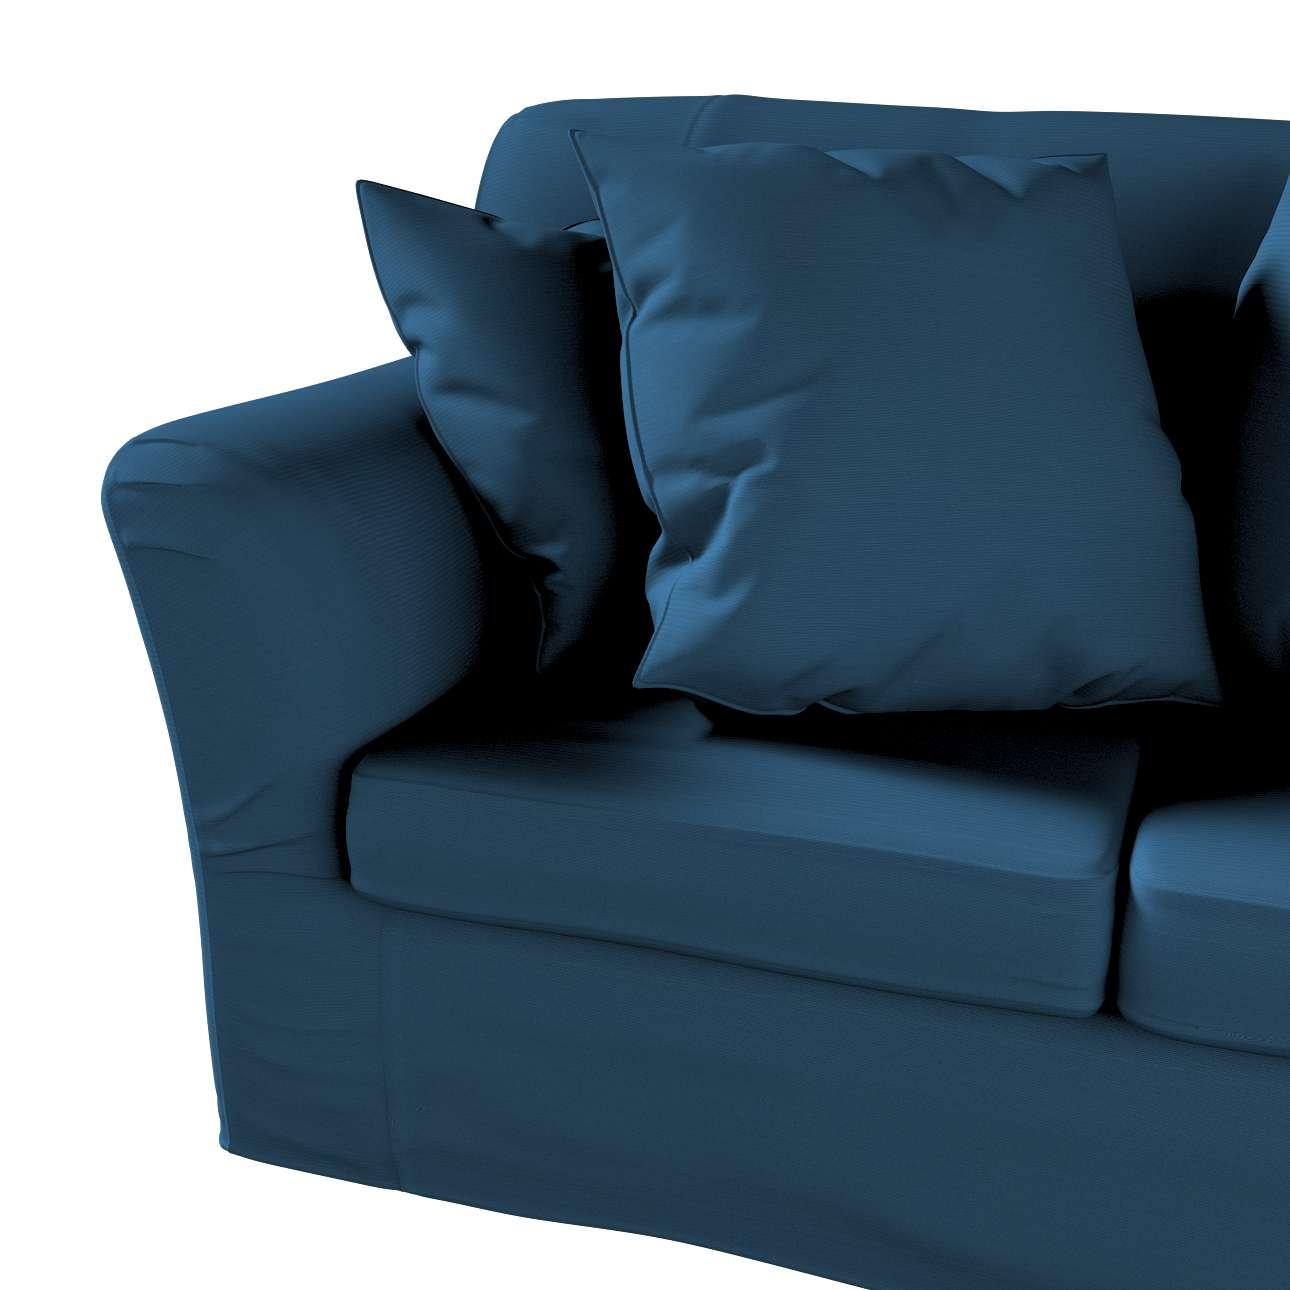 Pokrowiec na sofę Tomelilla 2-osobową nierozkładaną w kolekcji Cotton Panama, tkanina: 702-30